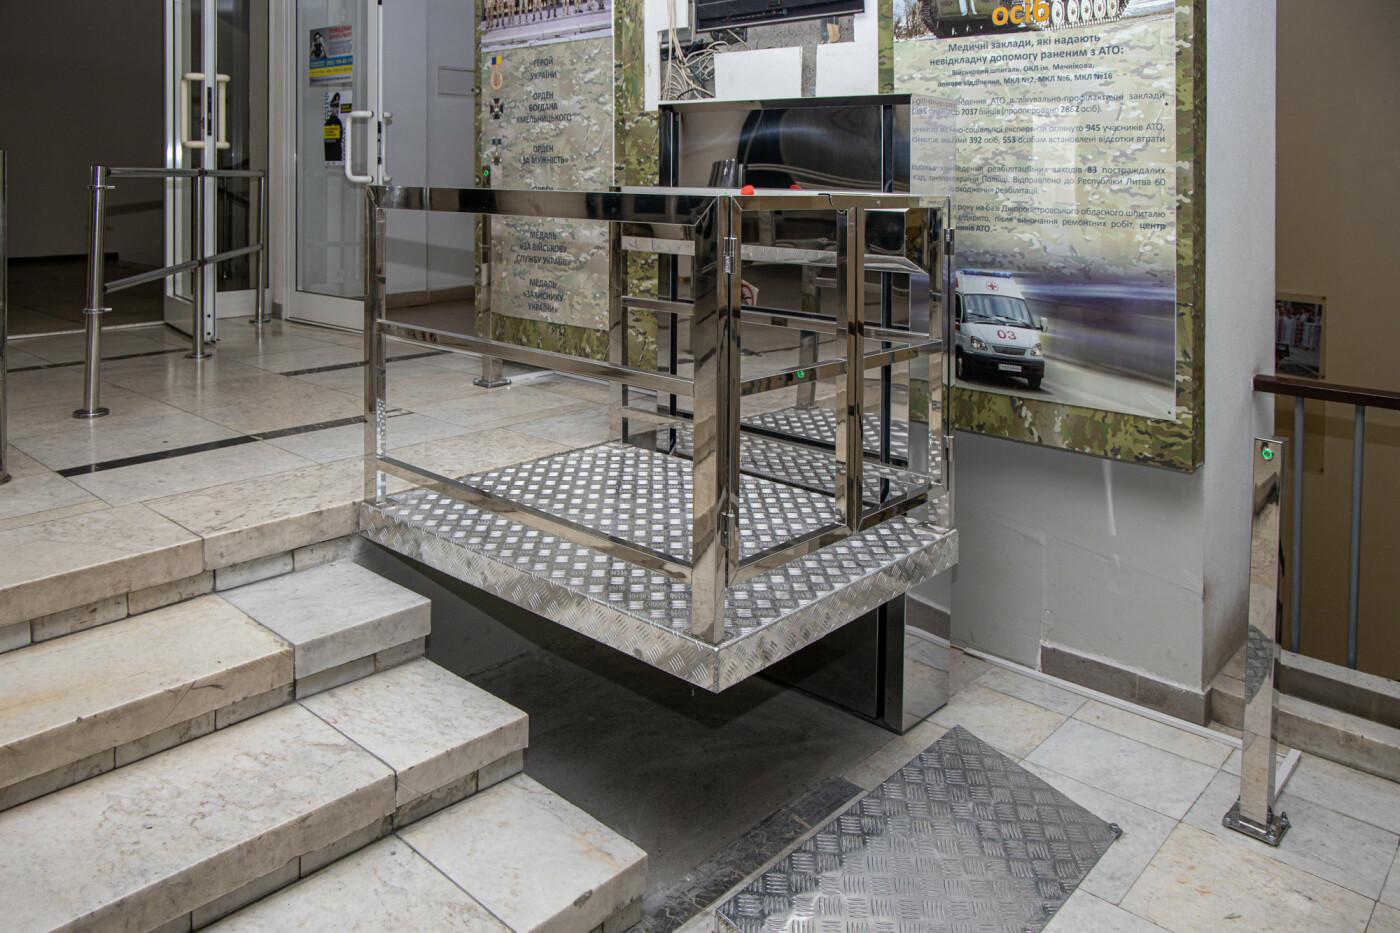 Днепропетровская ОГА стала доступной для людей с инвалидностью, фото-1